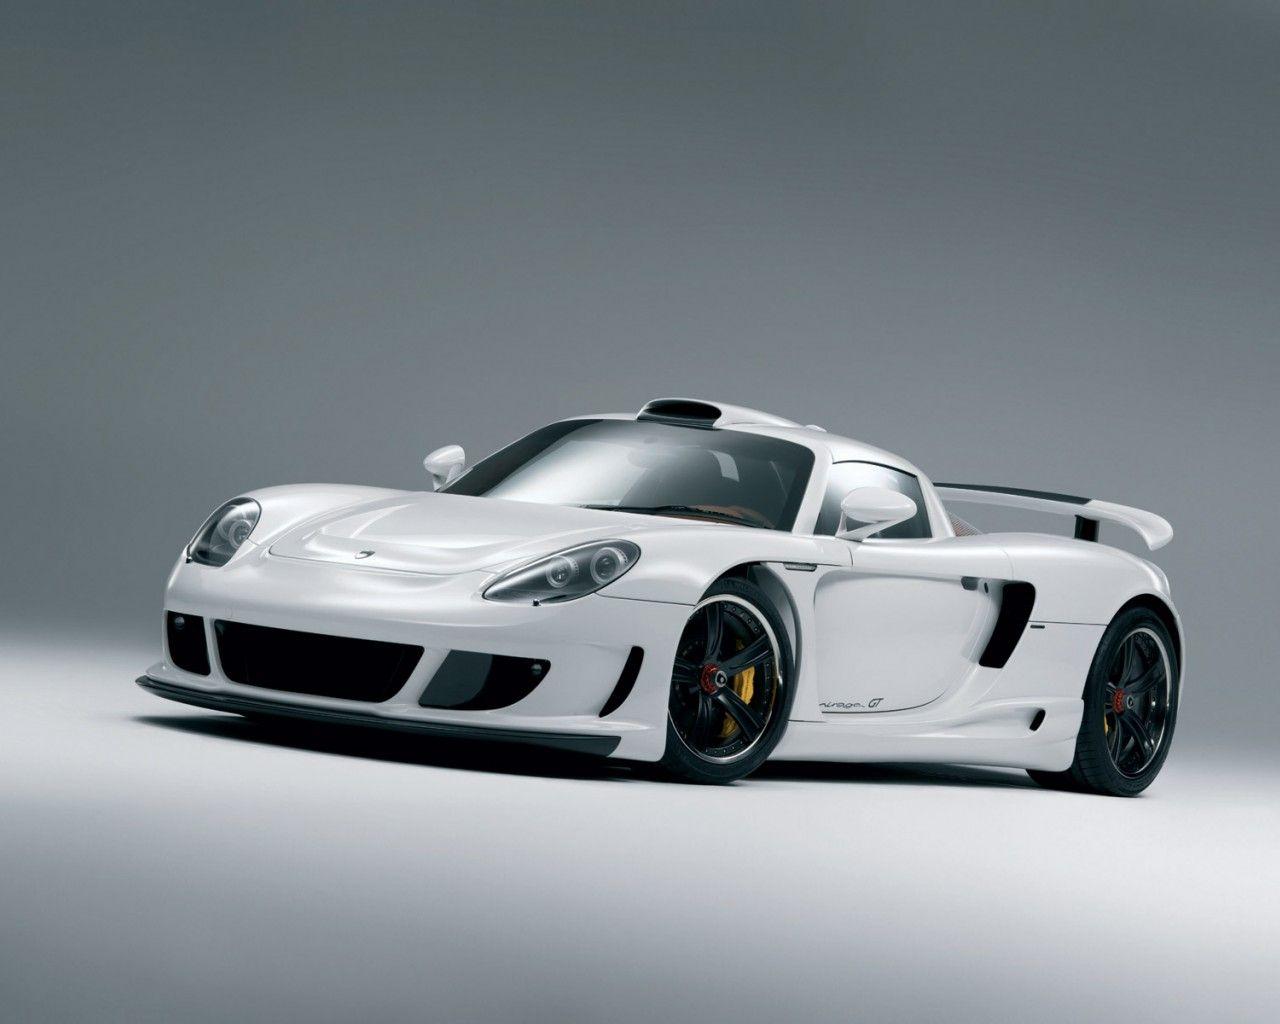 Gemballa Porsche Mirage Gt Carbon Edition Porsche Sports Car Concept Cars